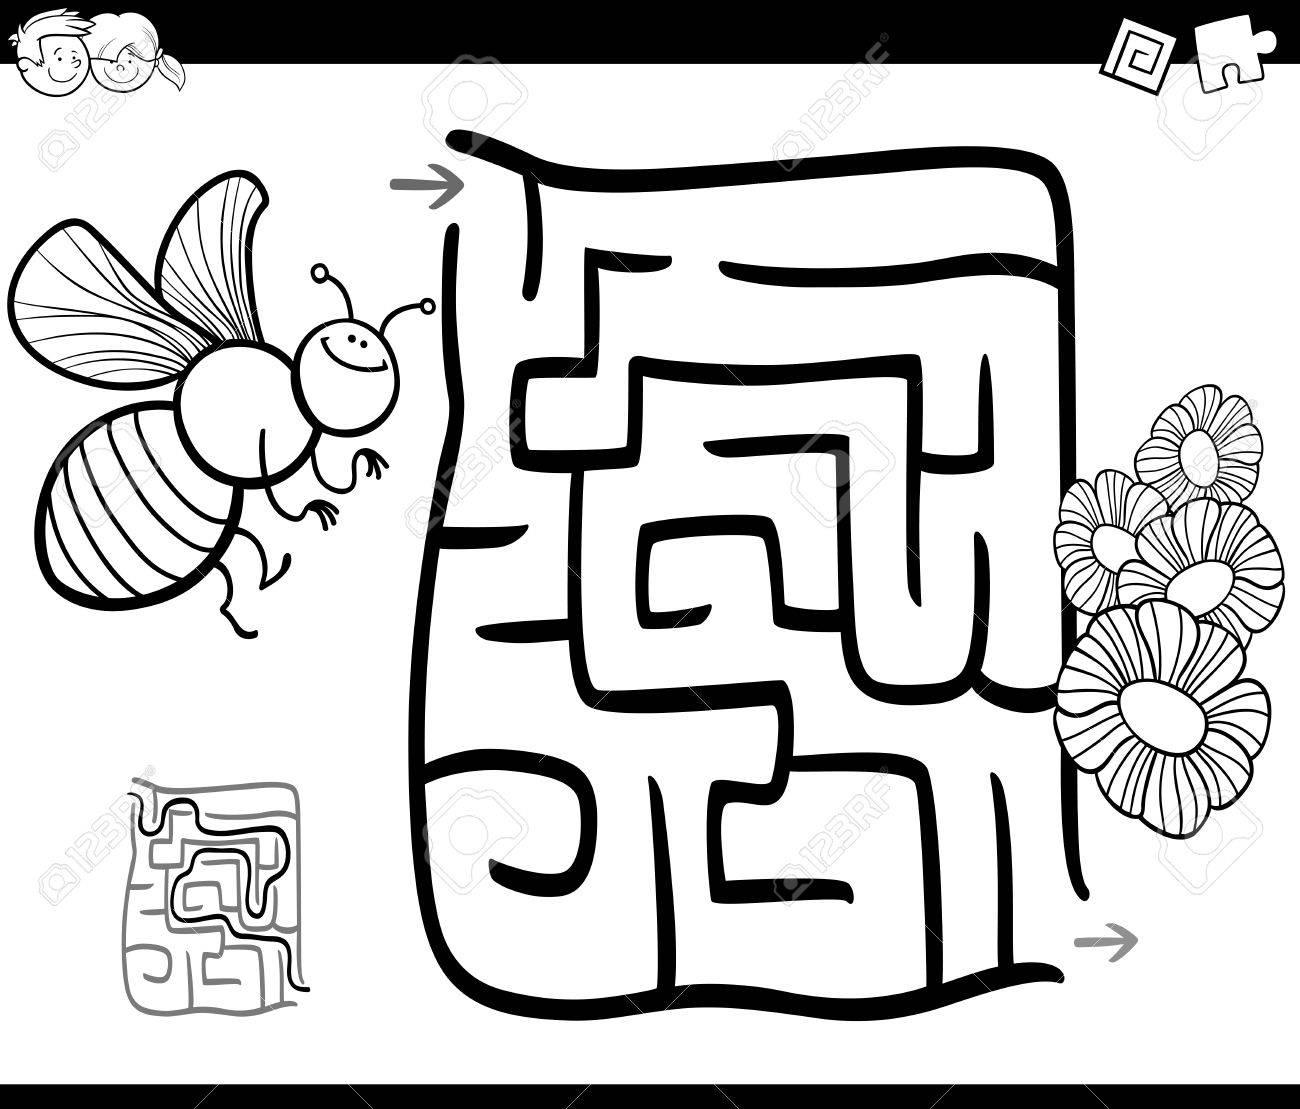 Illustration De Dessin Animé Noir Et Blanc Du Labyrinthe De Léducation Ou Jeu De Labyrinthe Pour Les Enfants Avec Des Abeilles Et Des Fleurs